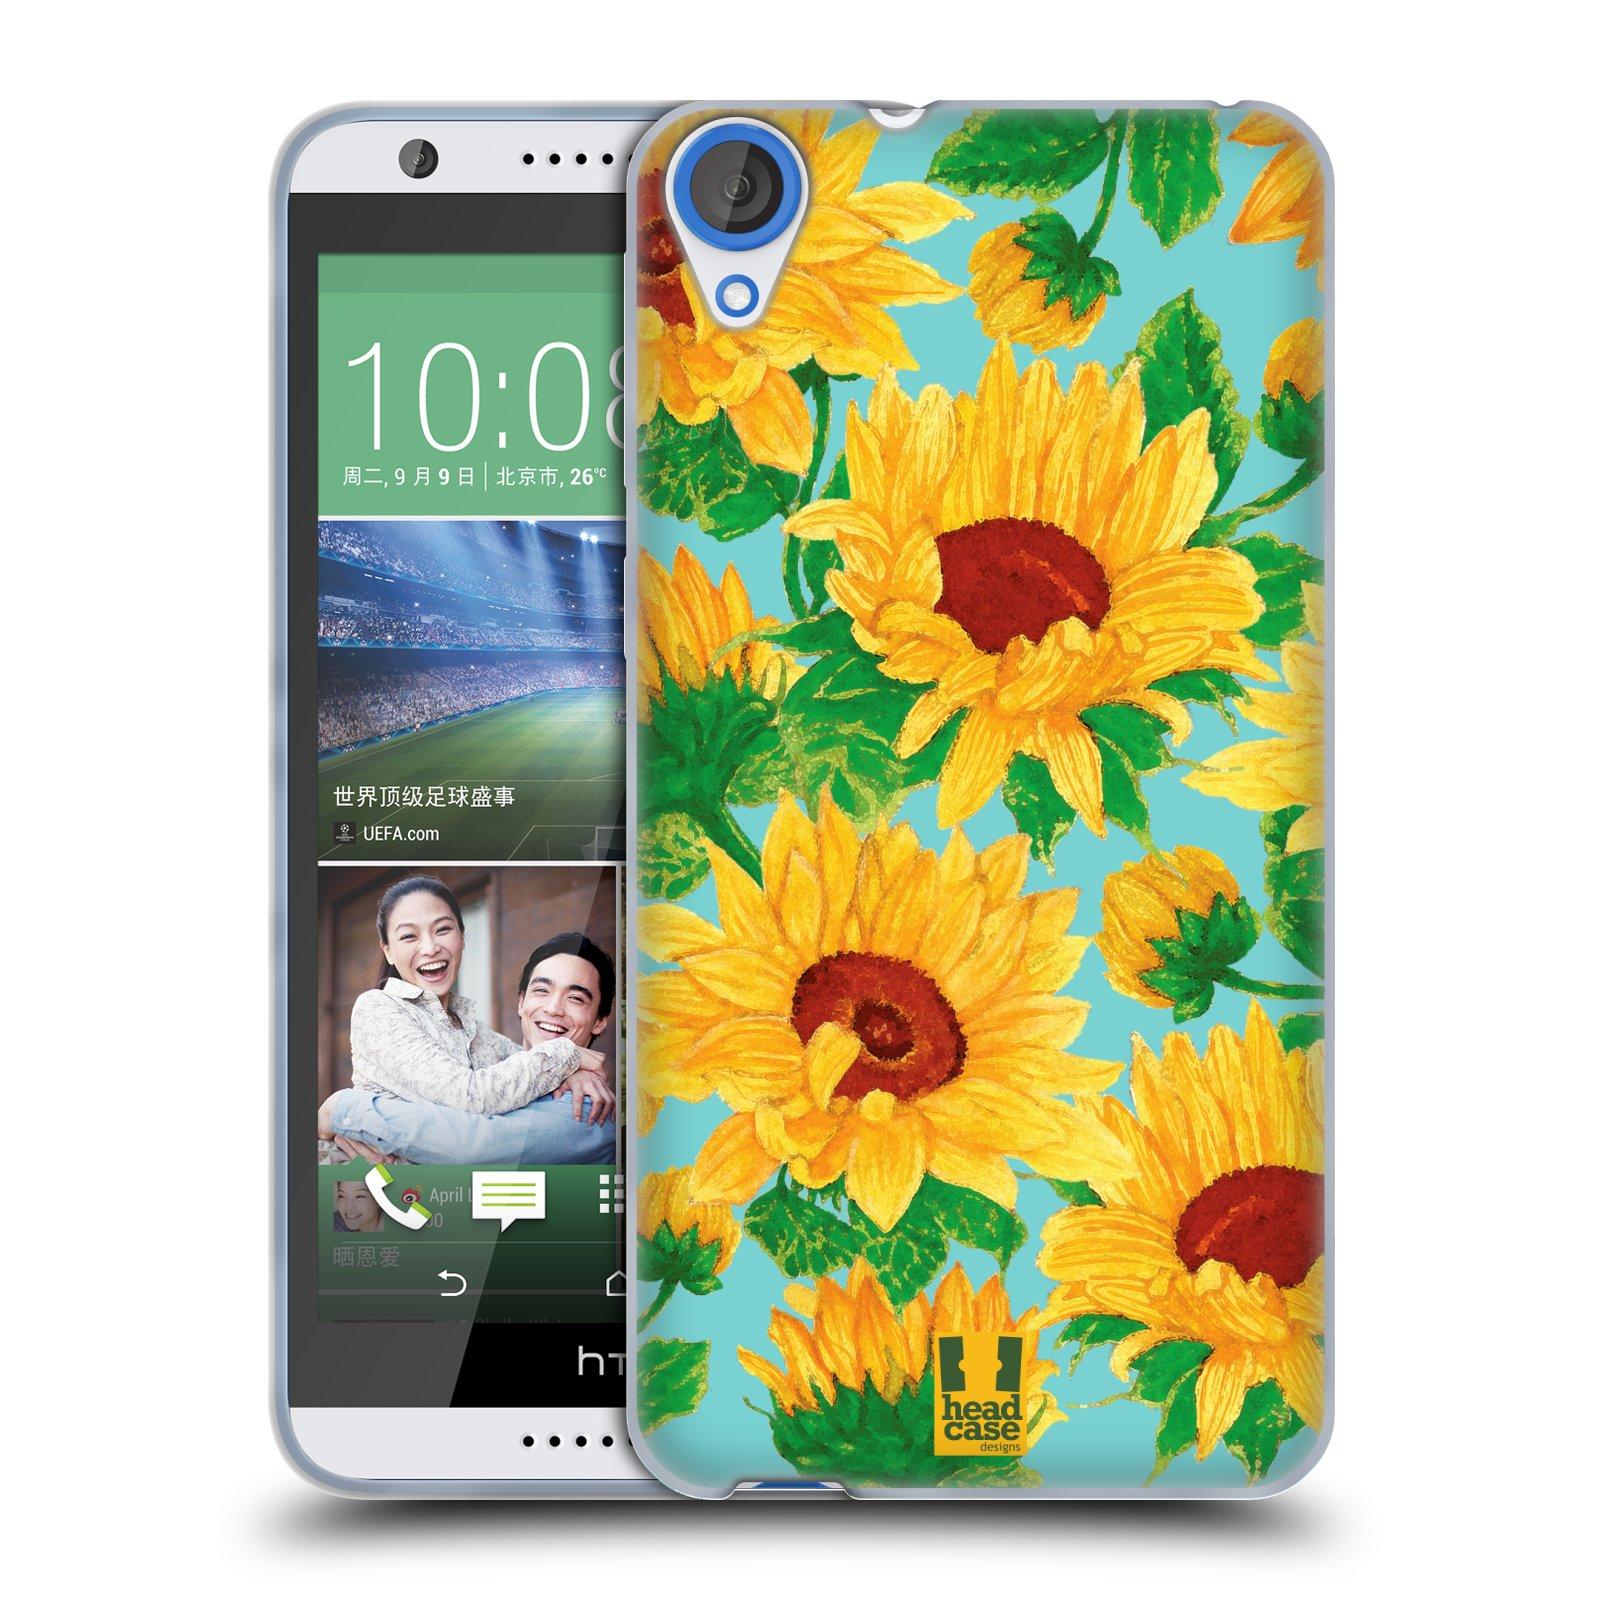 Silikonové pouzdro na mobil HTC Desire 820 HEAD CASE Slunečnice (Silikonový kryt či obal na mobilní telefon HTC Desire 820)